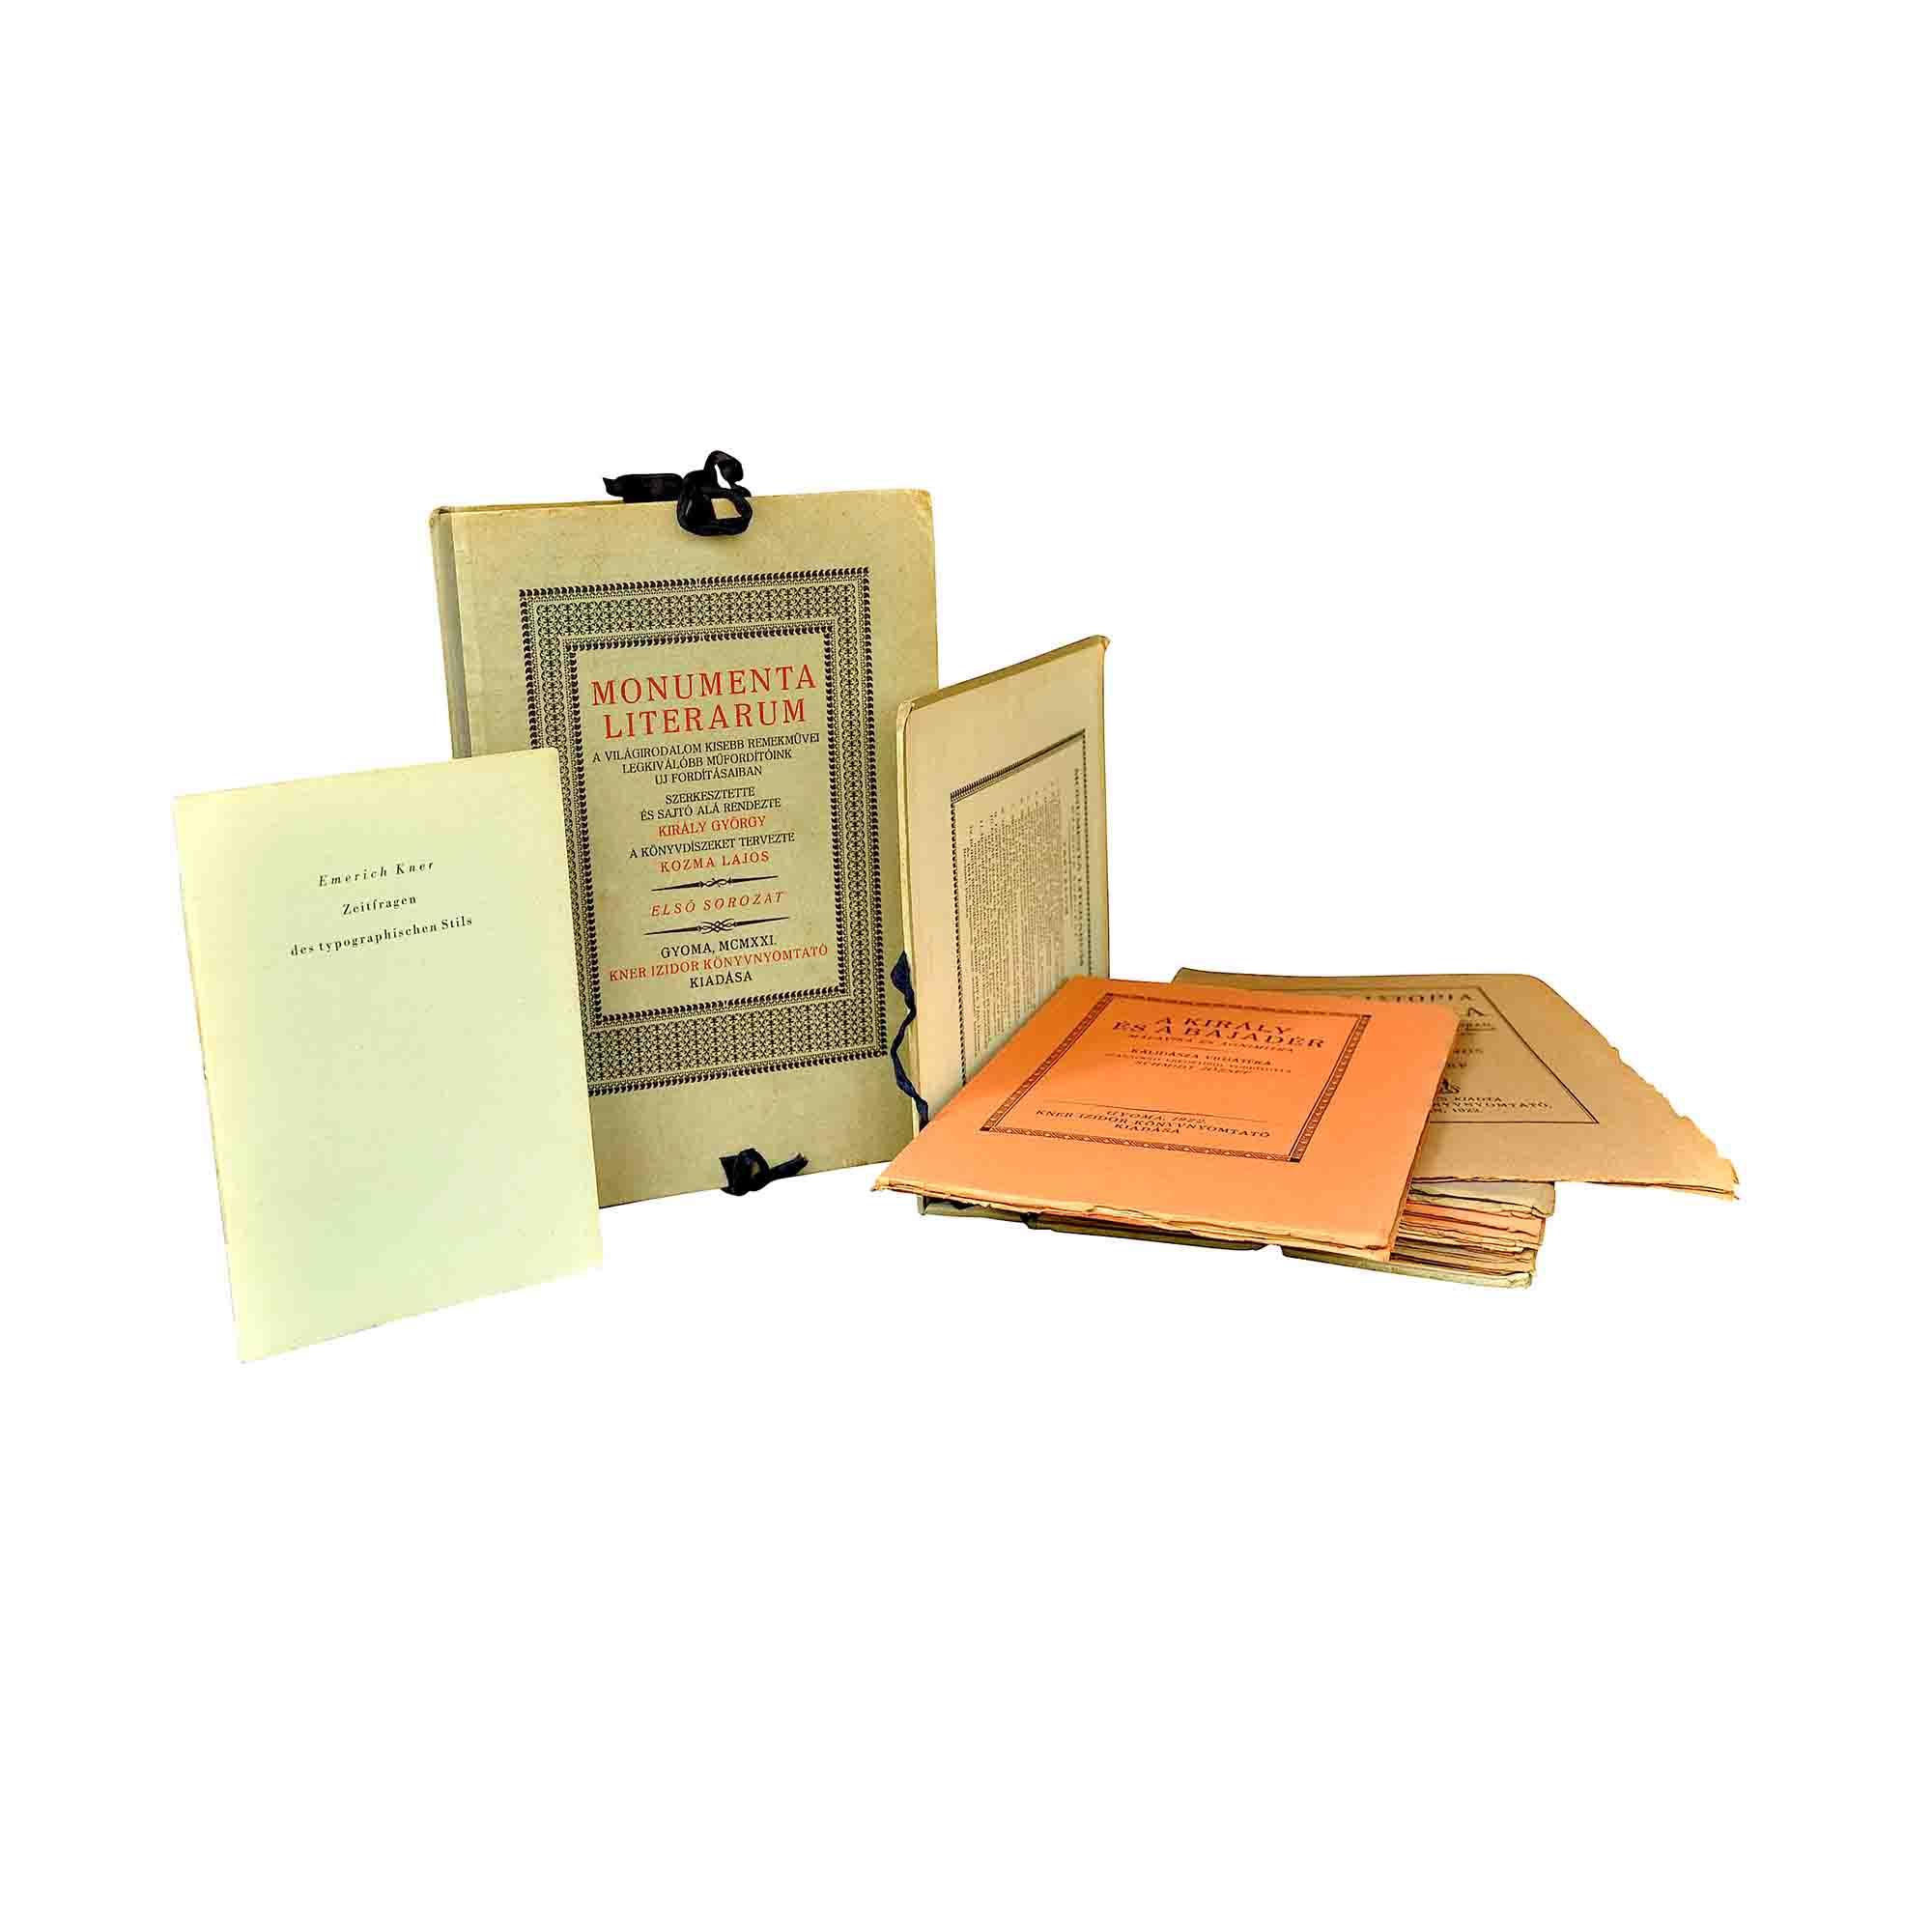 5177-Monumenta-Literarum-Kner-1921-22-N.jpg